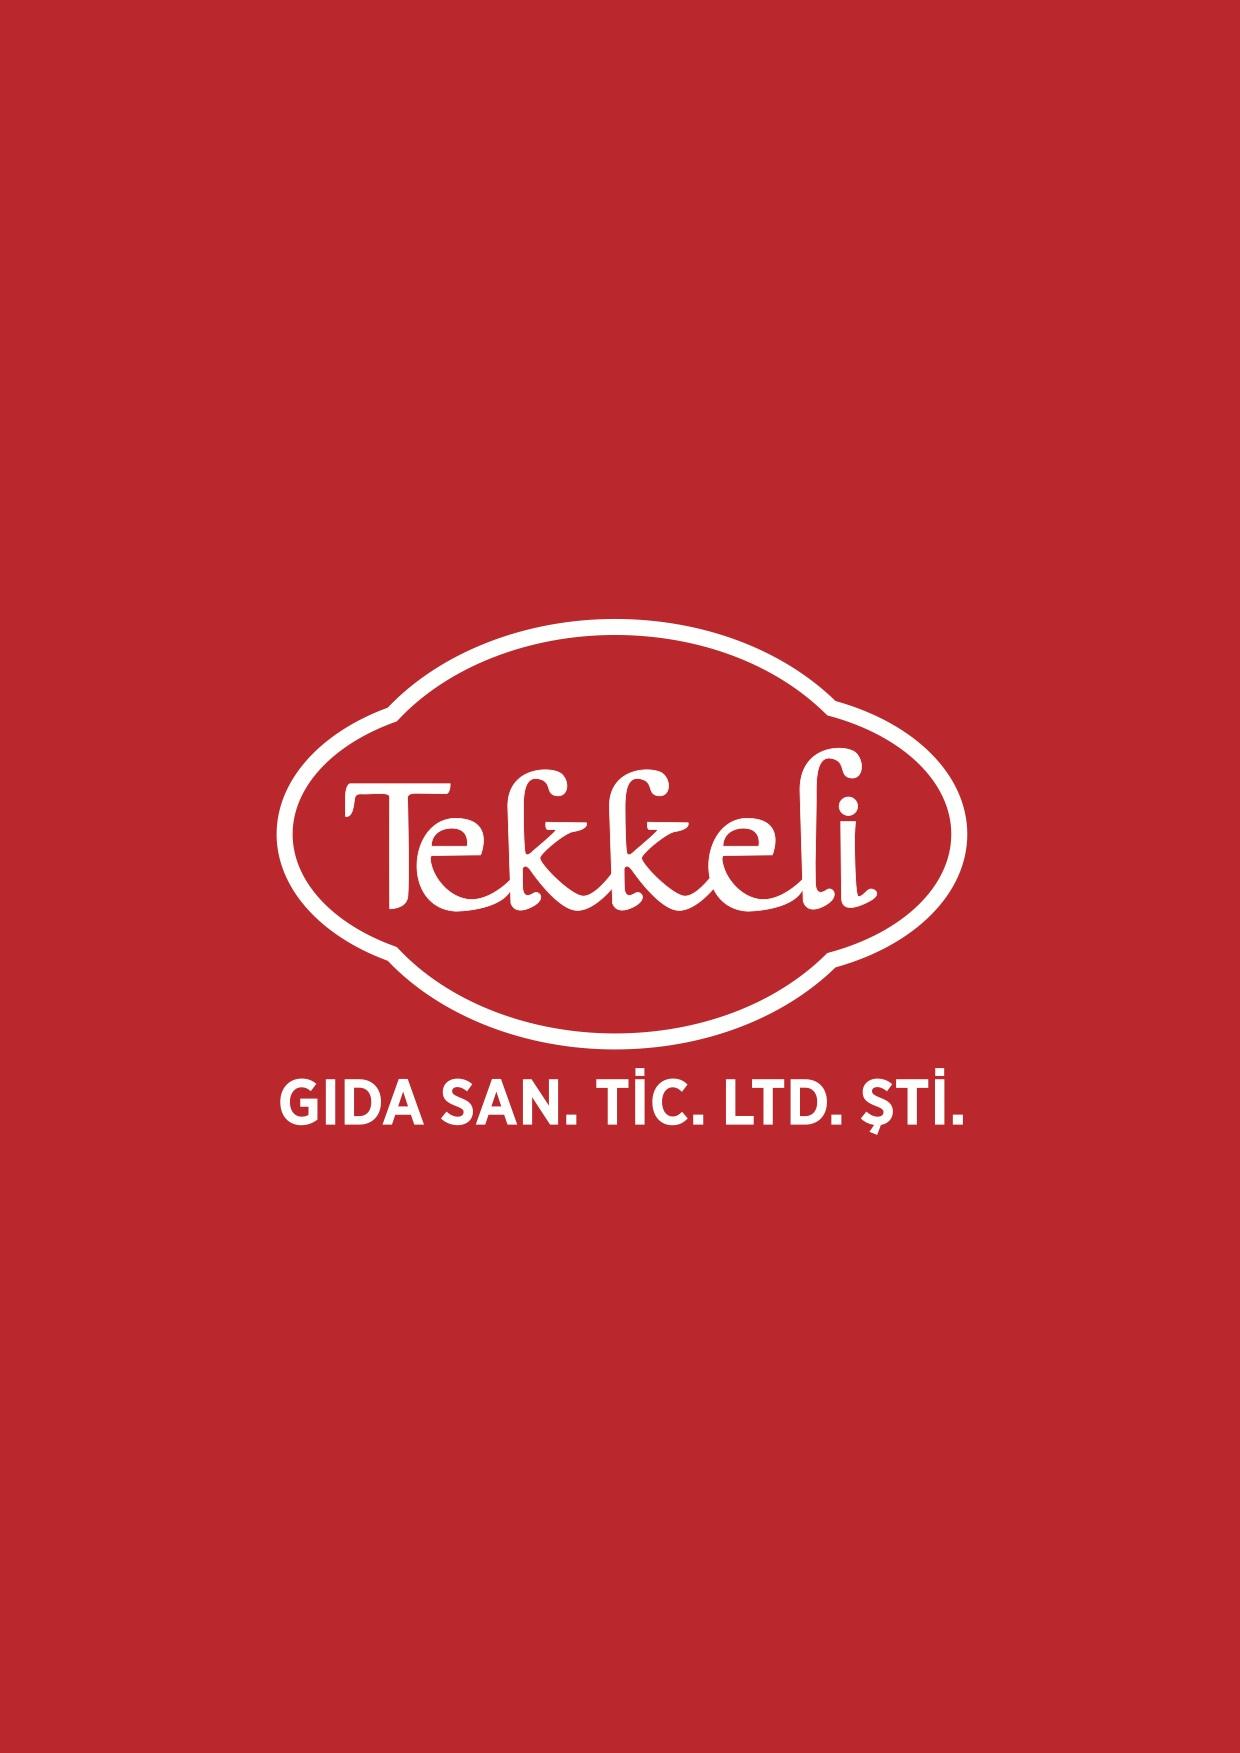 Tekkeli